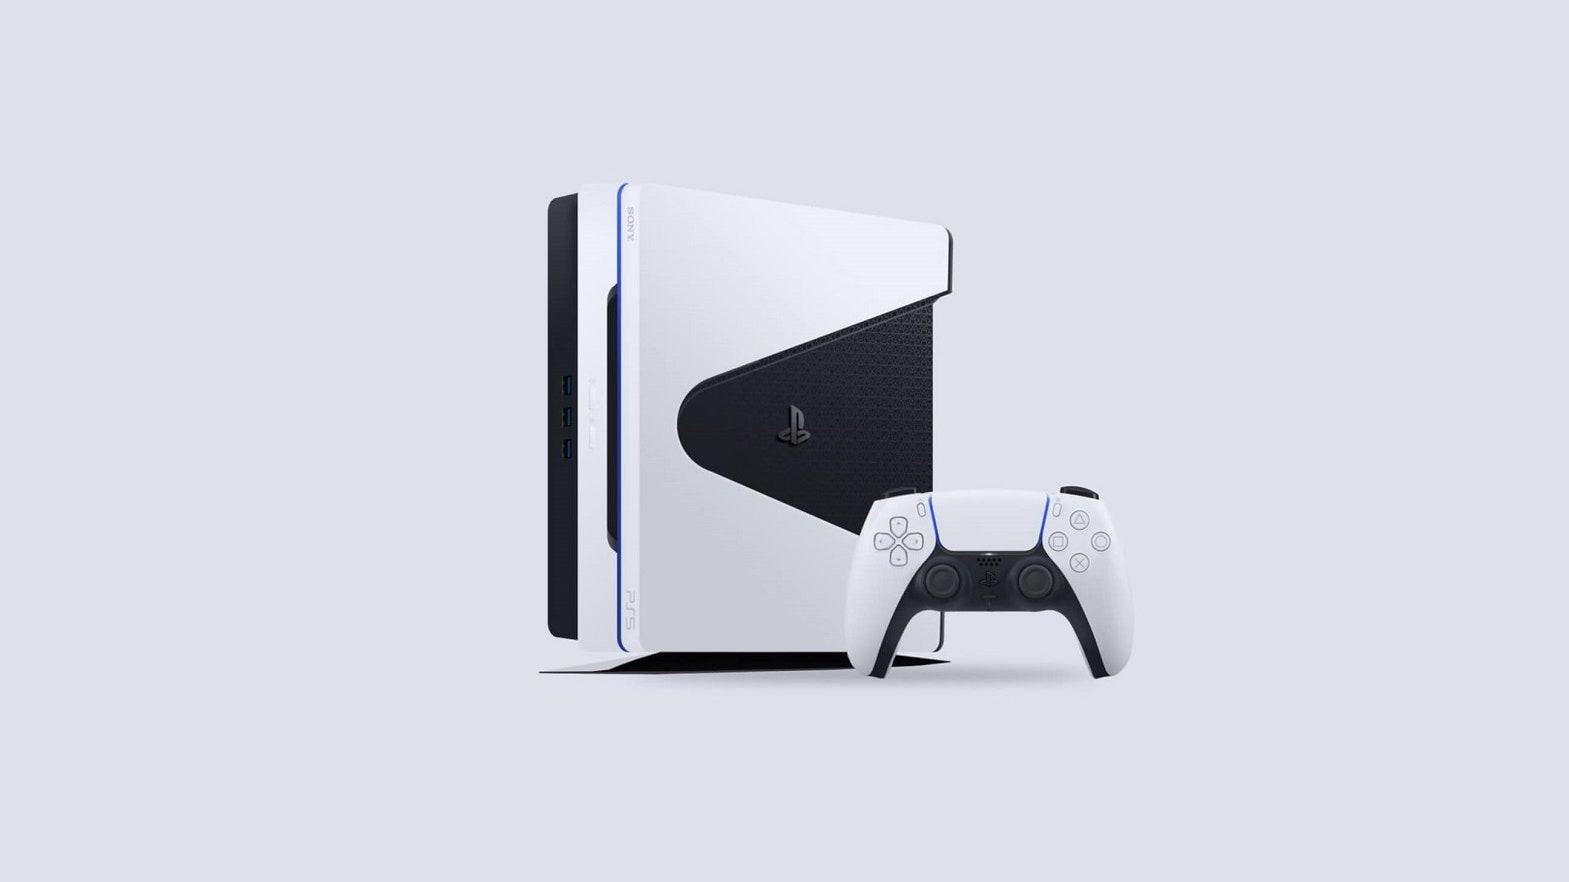 Sony ha presentato la Playstation 5 e alcuni giochi incredibili